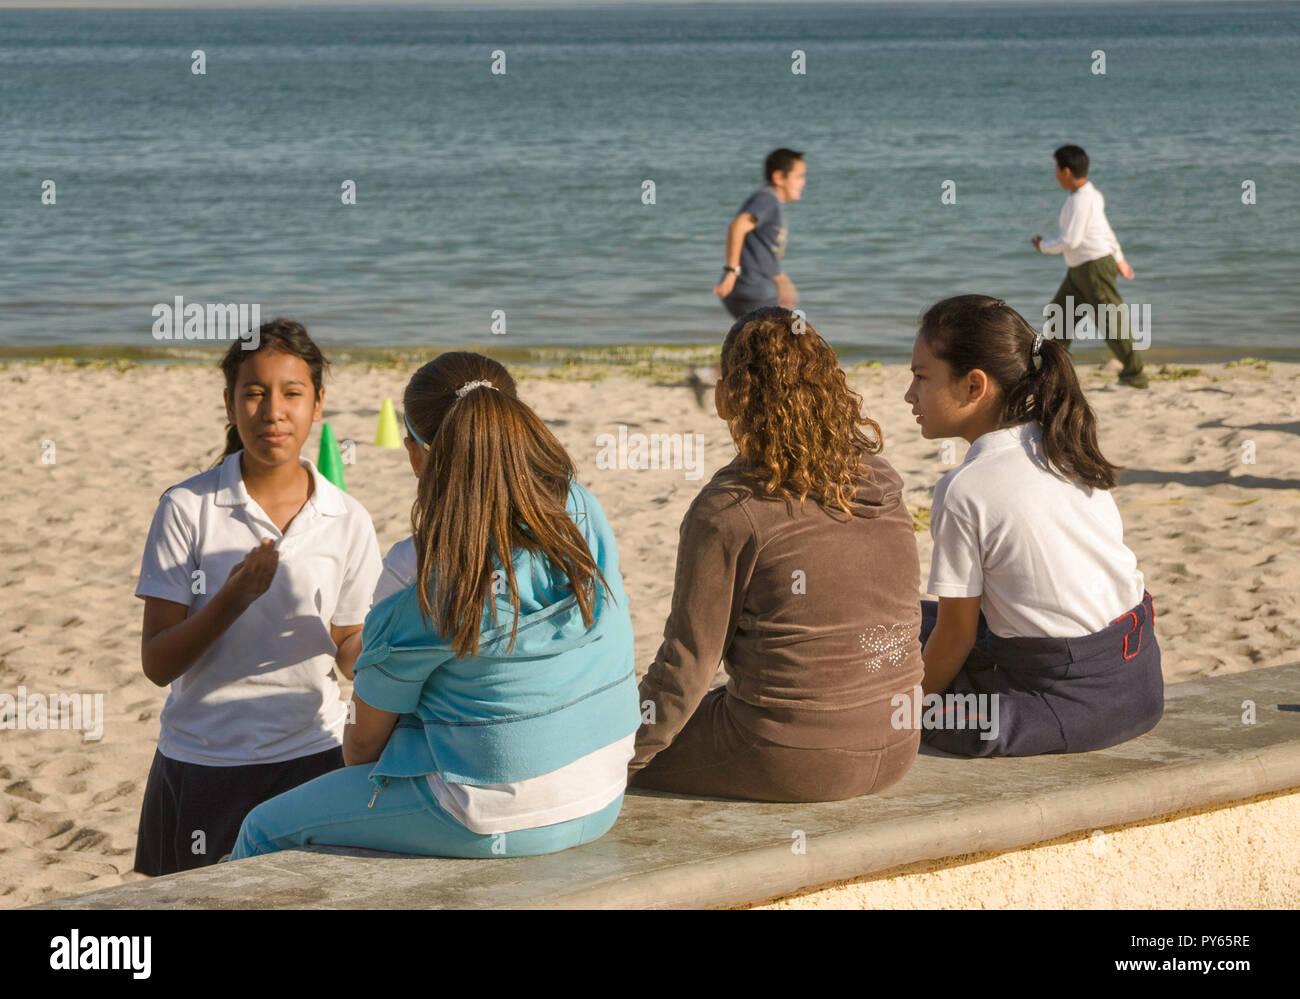 Girls at Malecon in La Paz, Baja California Sur, Mexico - Stock Image